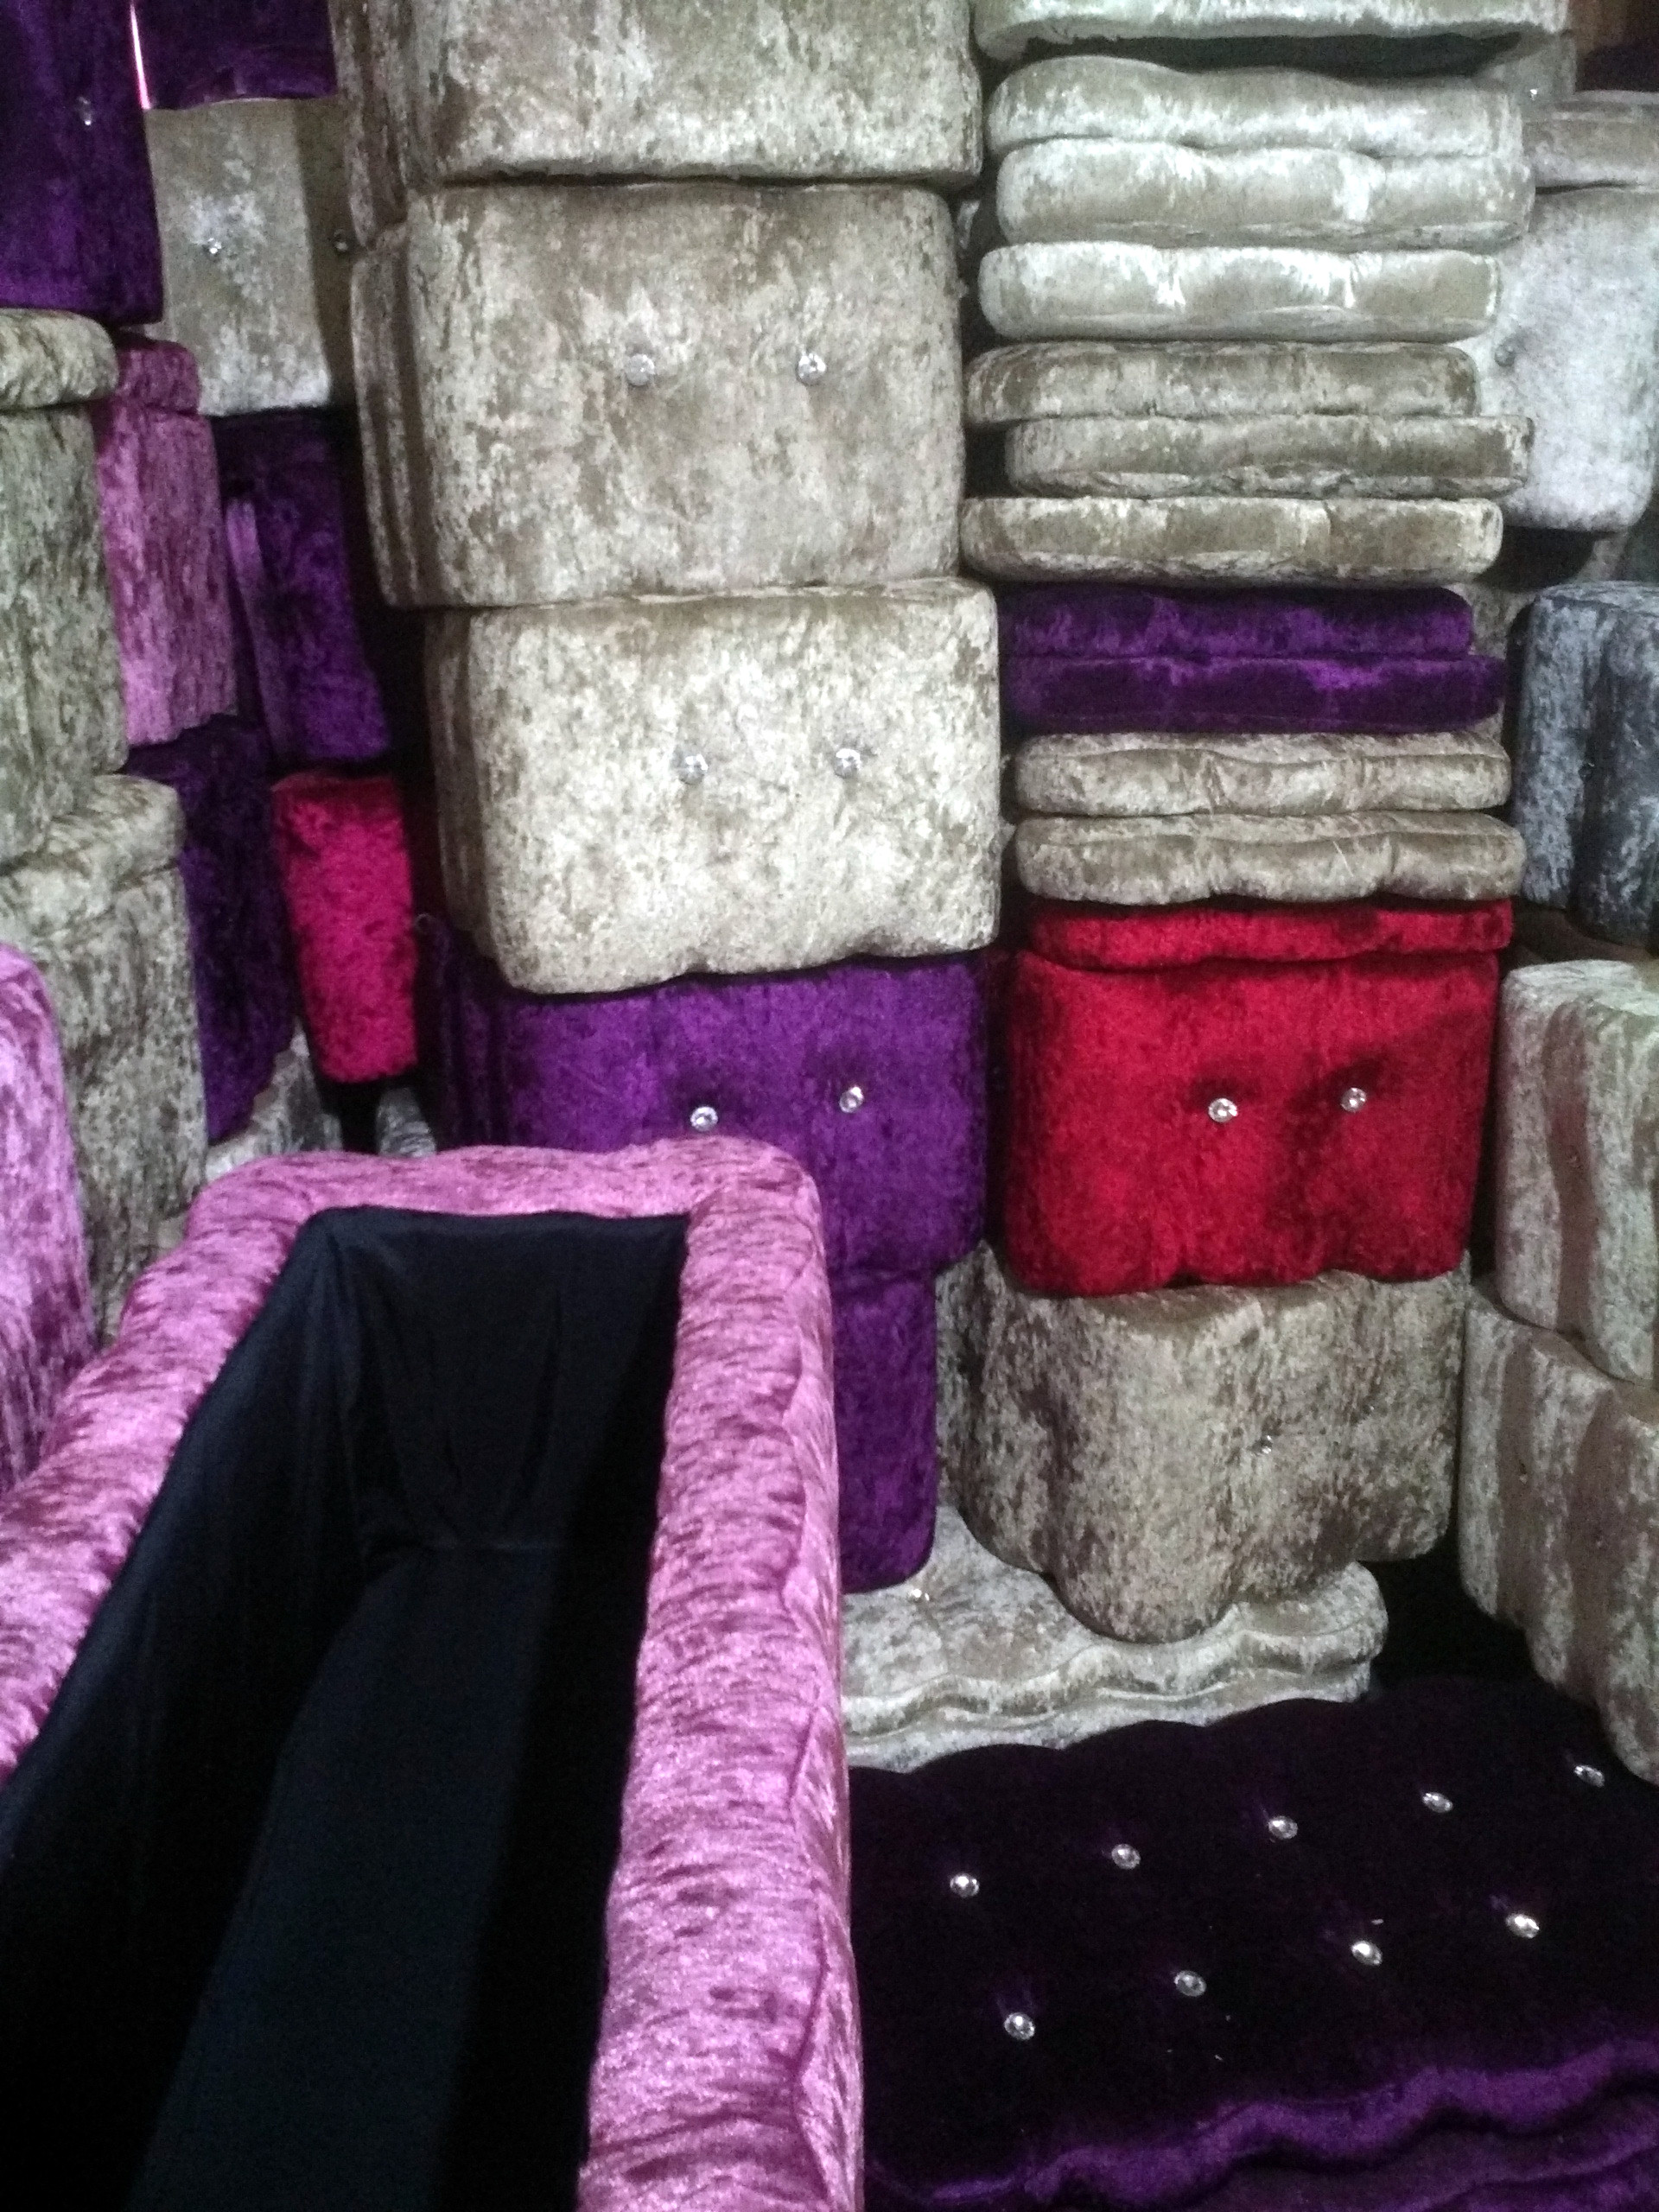 服装店家具试鞋凳 时尚布艺实木大沙发椅 试衣间储物简约凳子包邮